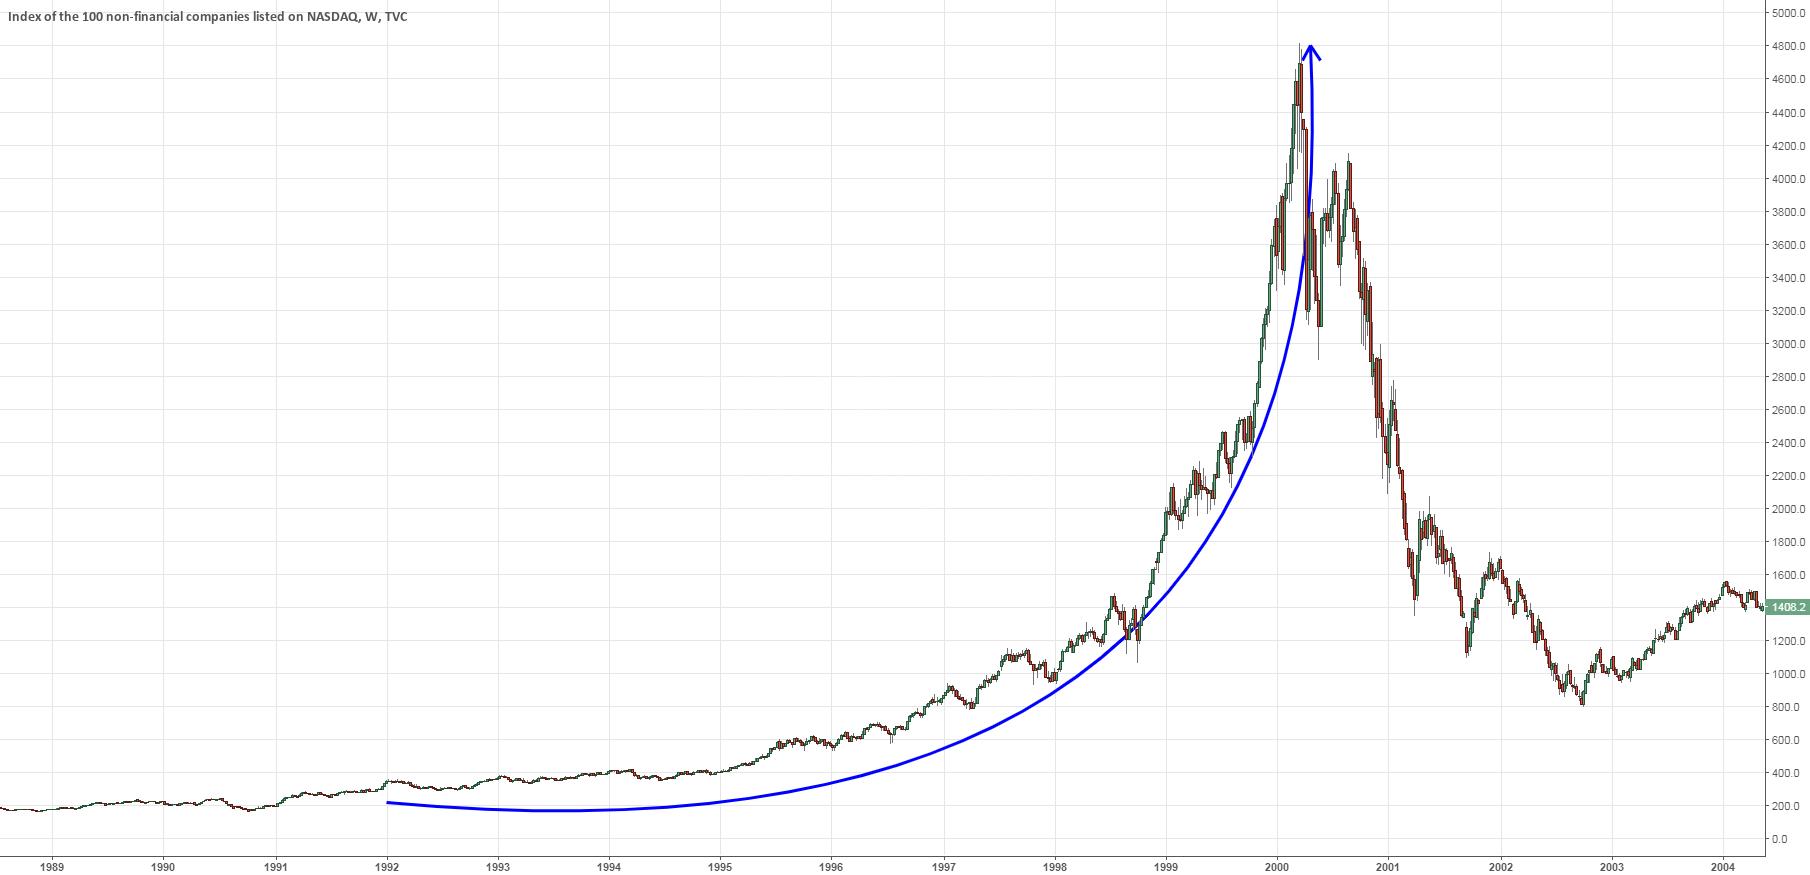 NASDAQ bubble 2000